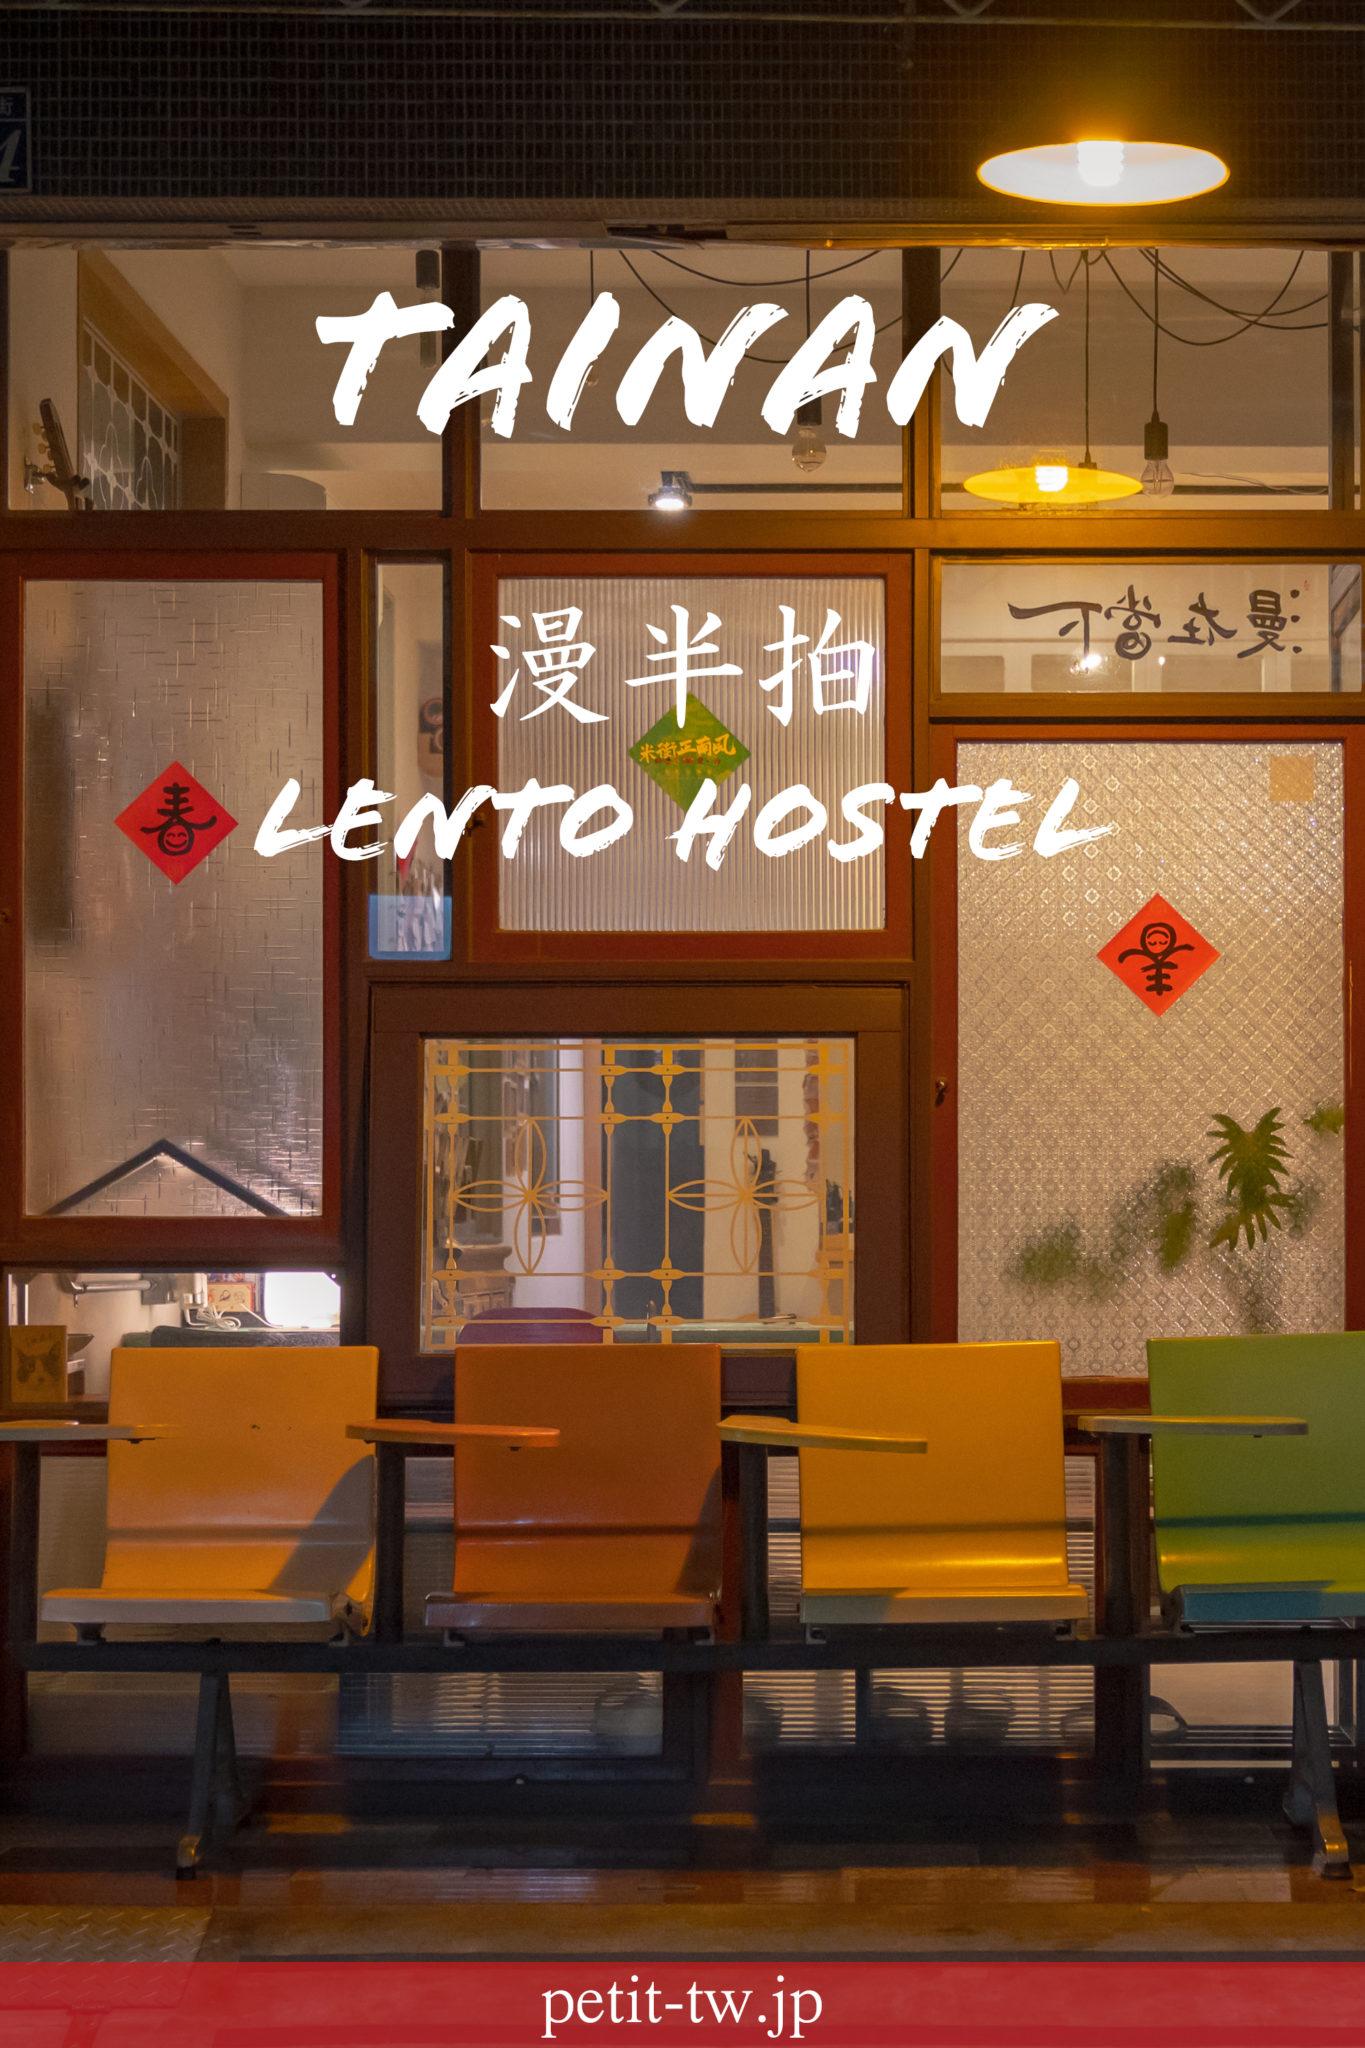 漫半拍Lento Hostel台南